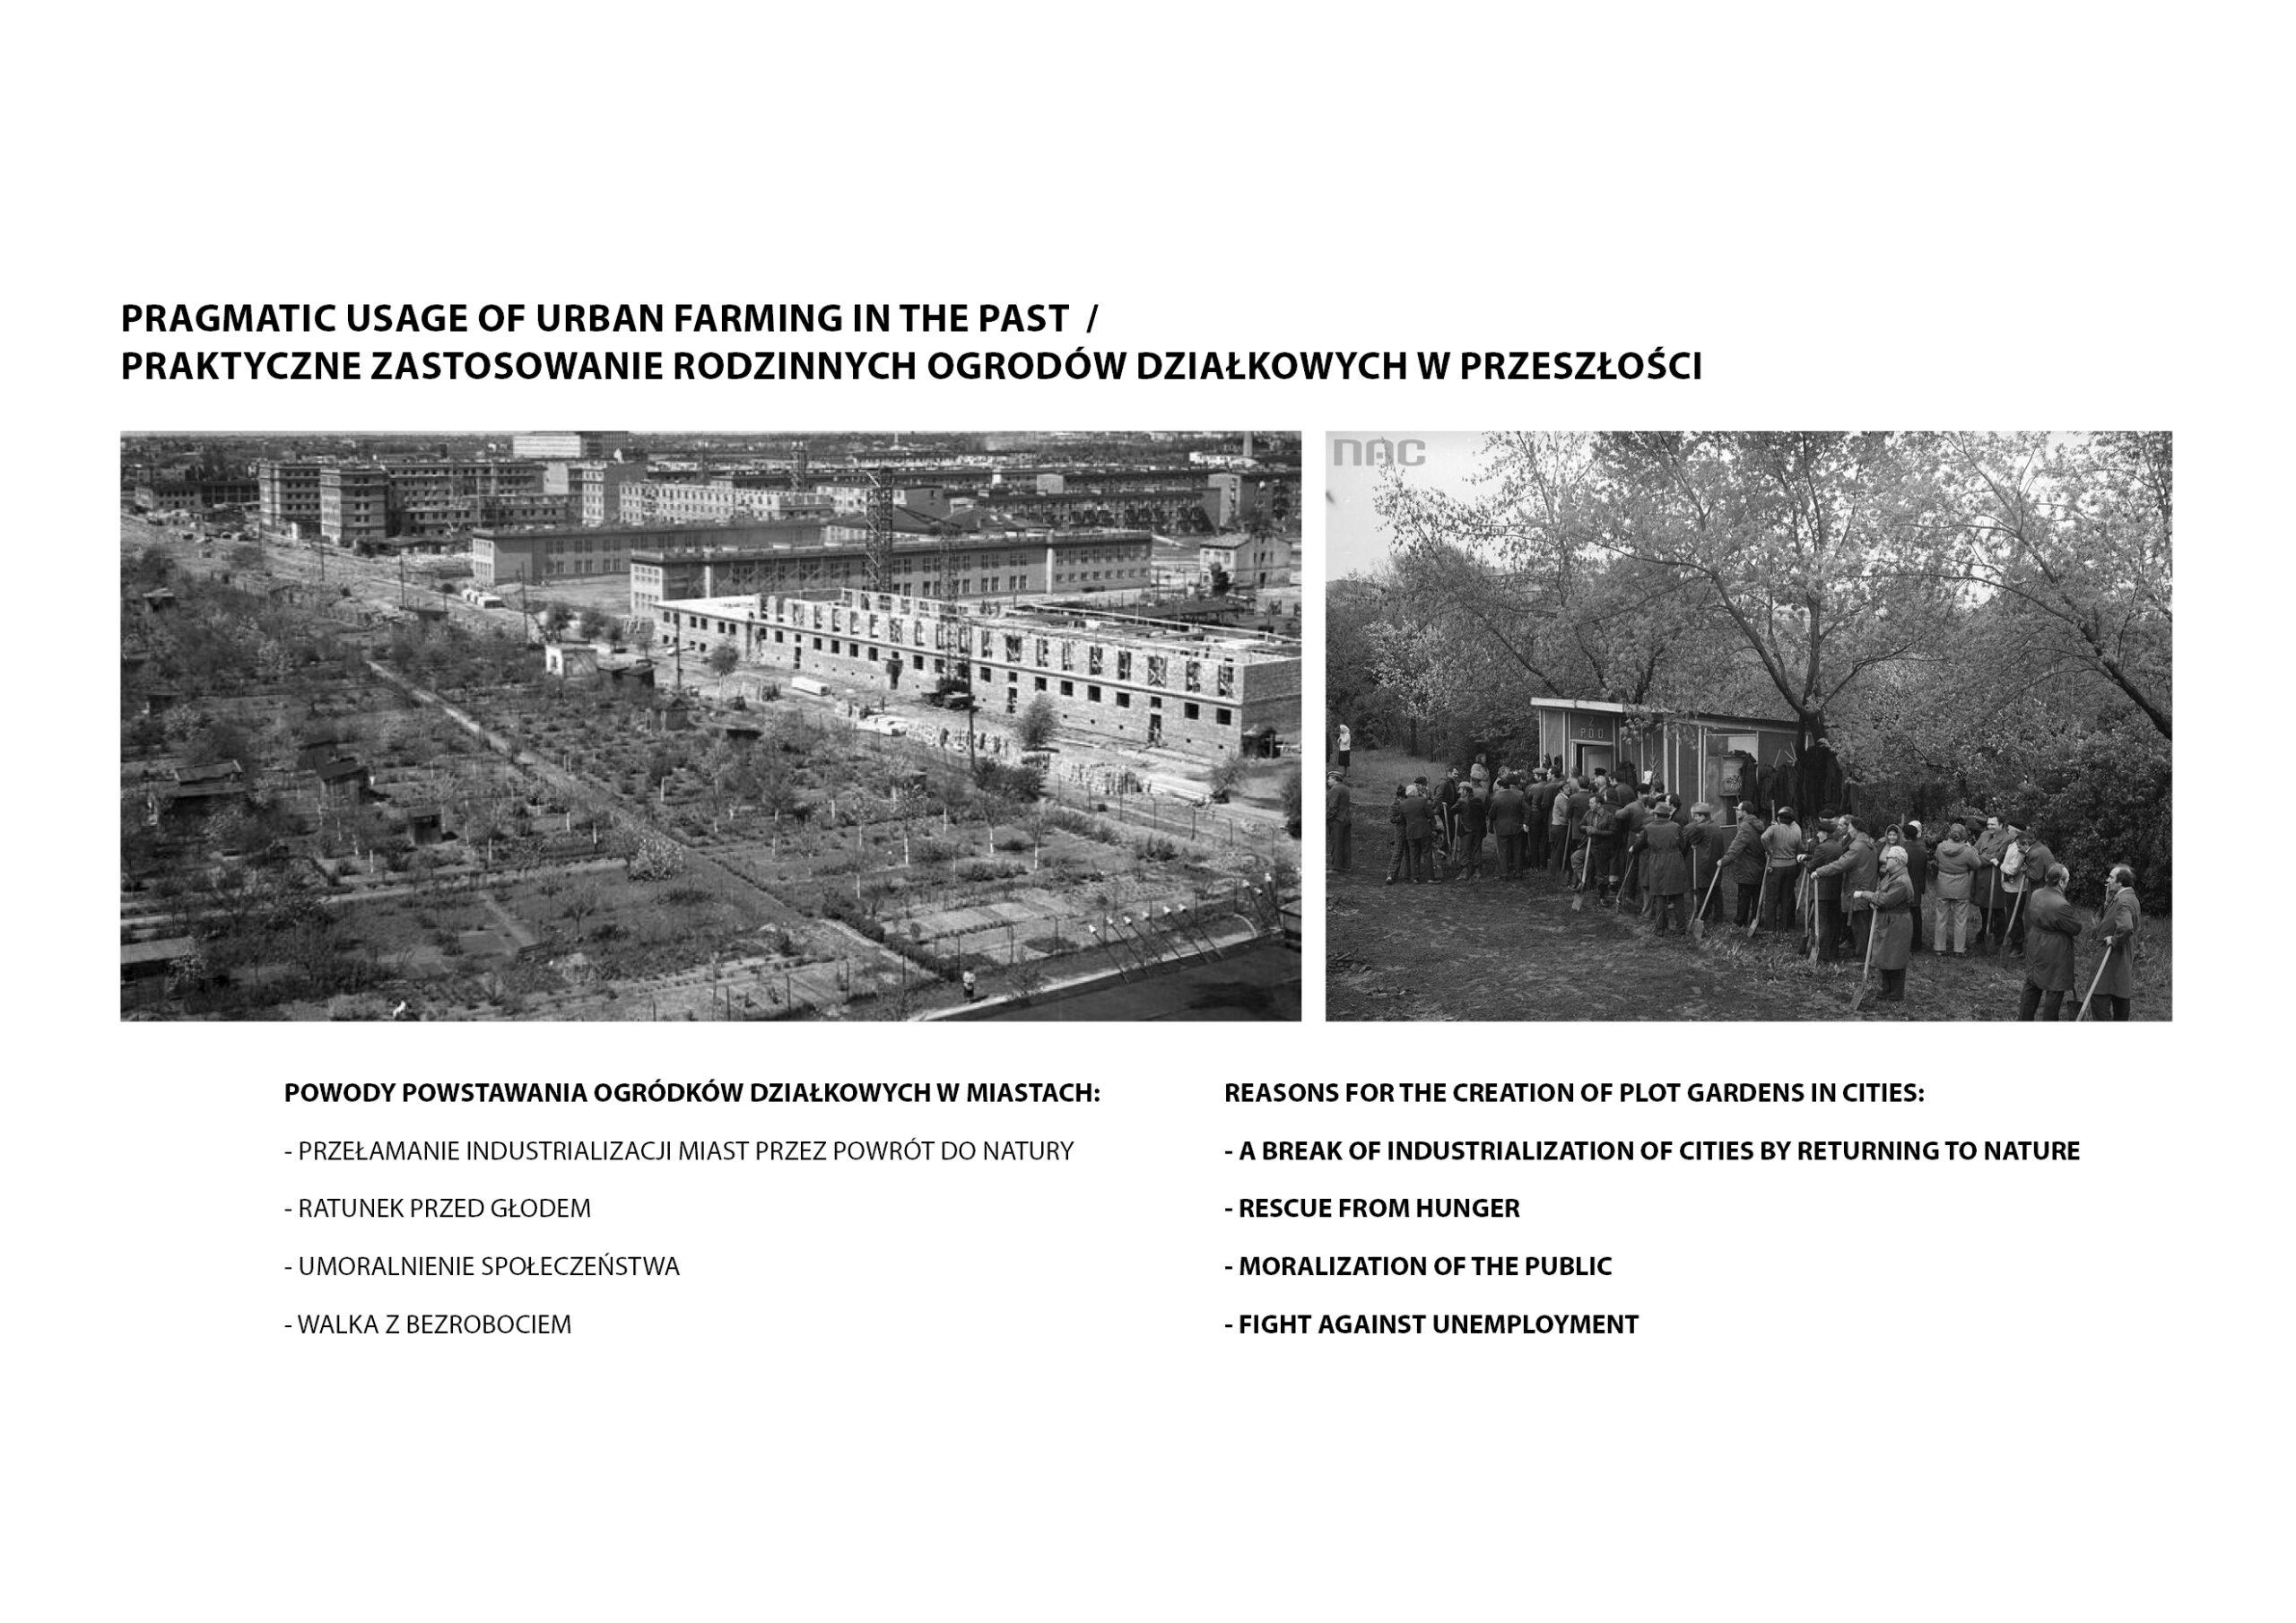 MJZ-Urban-Farming-XXI-Ogrody-Dzialkowe-Przyszlosci9-1